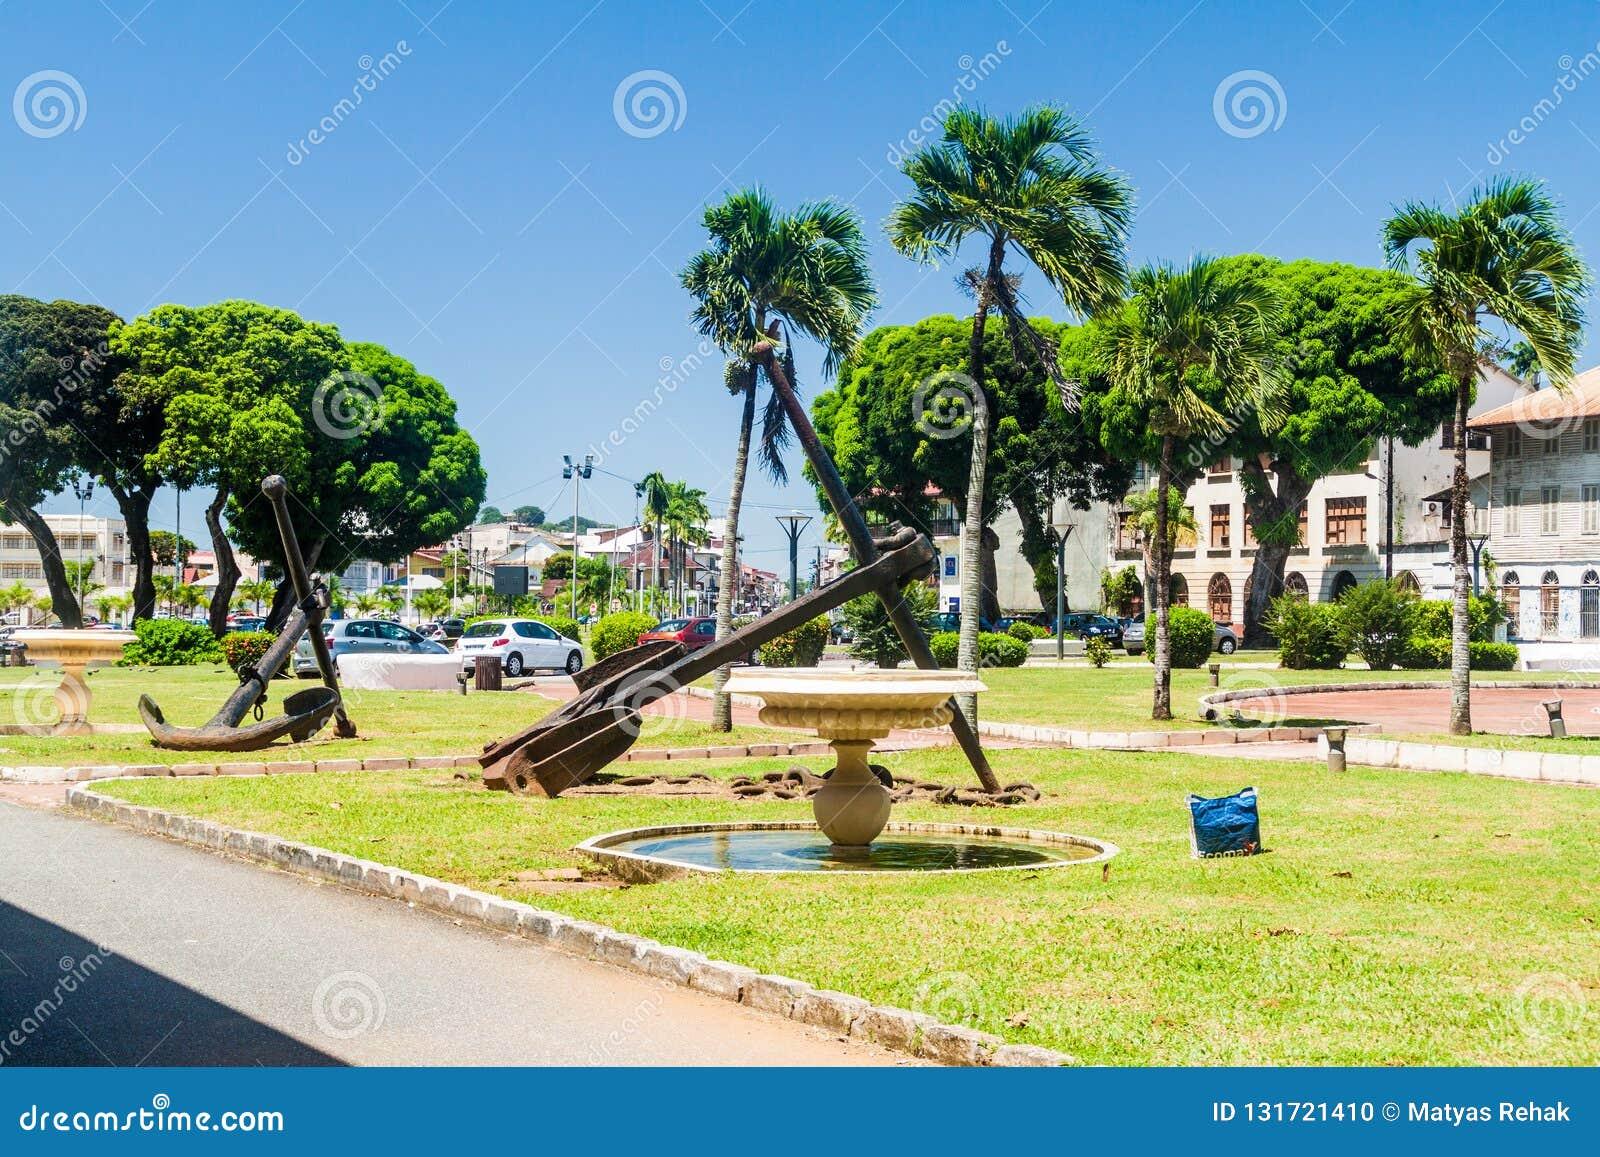 CAYENNEPFEFFER, FRANZÖSISCH-GUAYANA - 3. AUGUST 2015: Alte Anker an Platz-Leopold Heder-Quadrat in Cayennepfeffer, Hauptstadt von